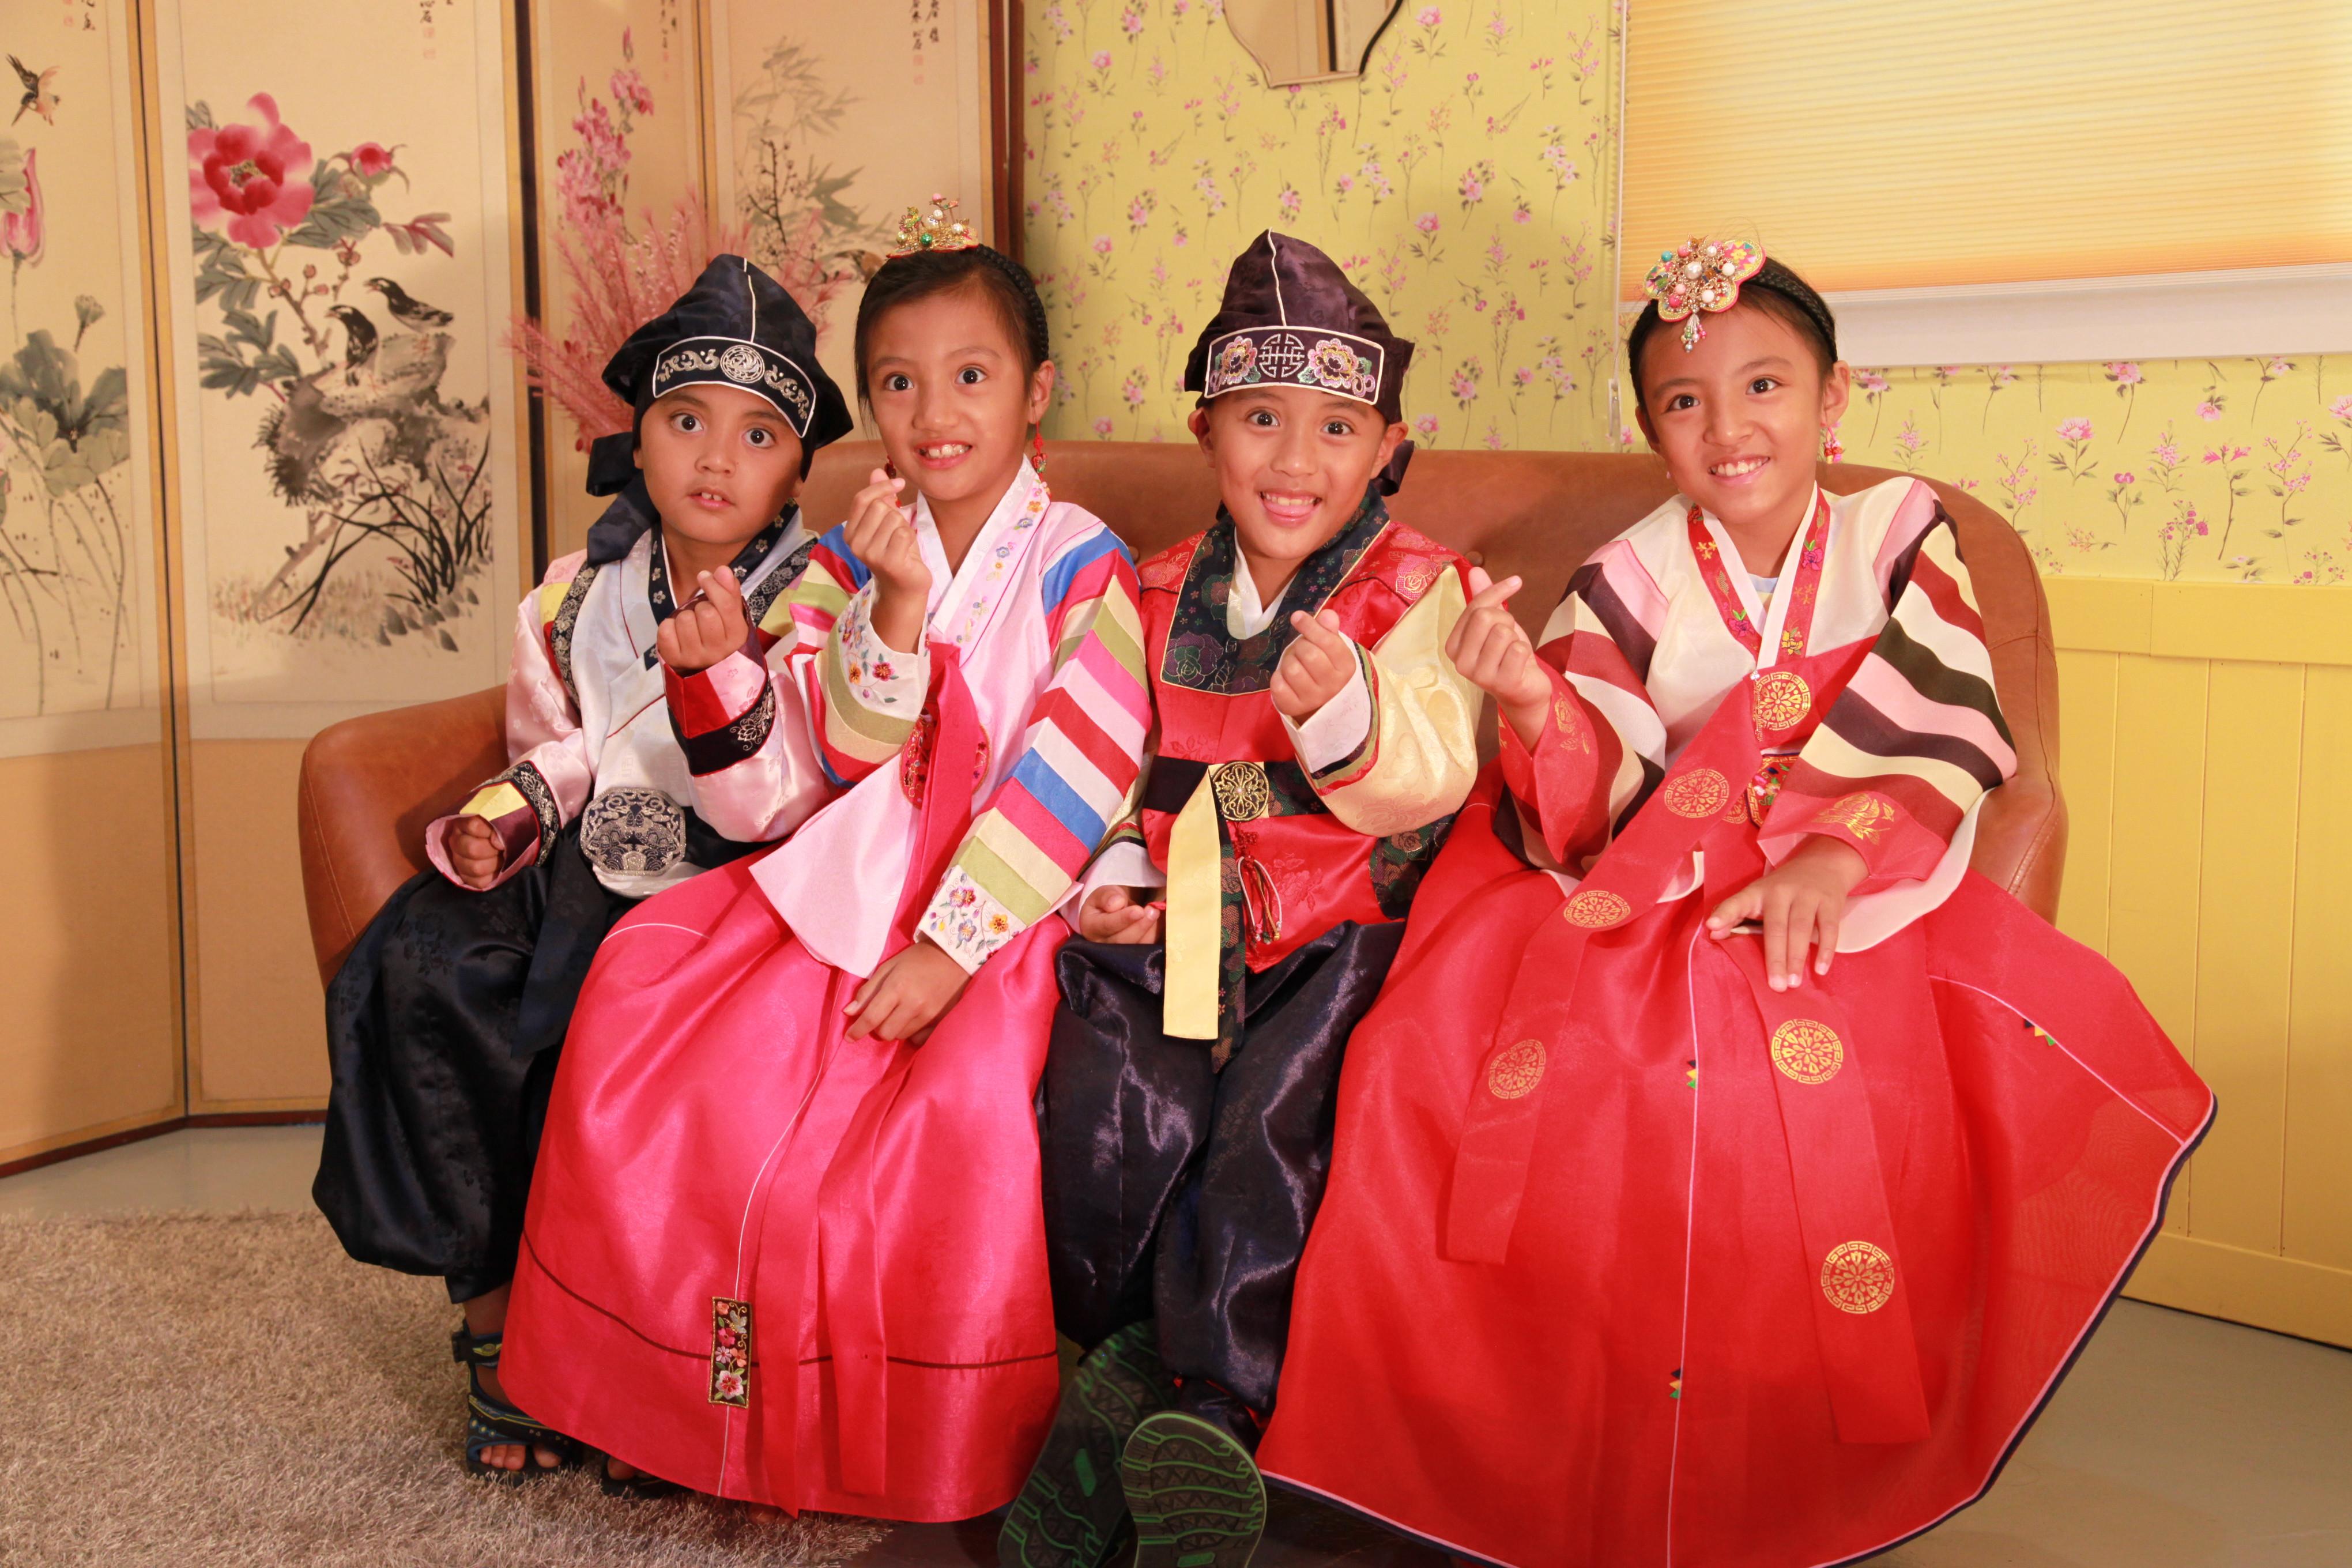 [Kids] Hanbok Rental for 2hrs